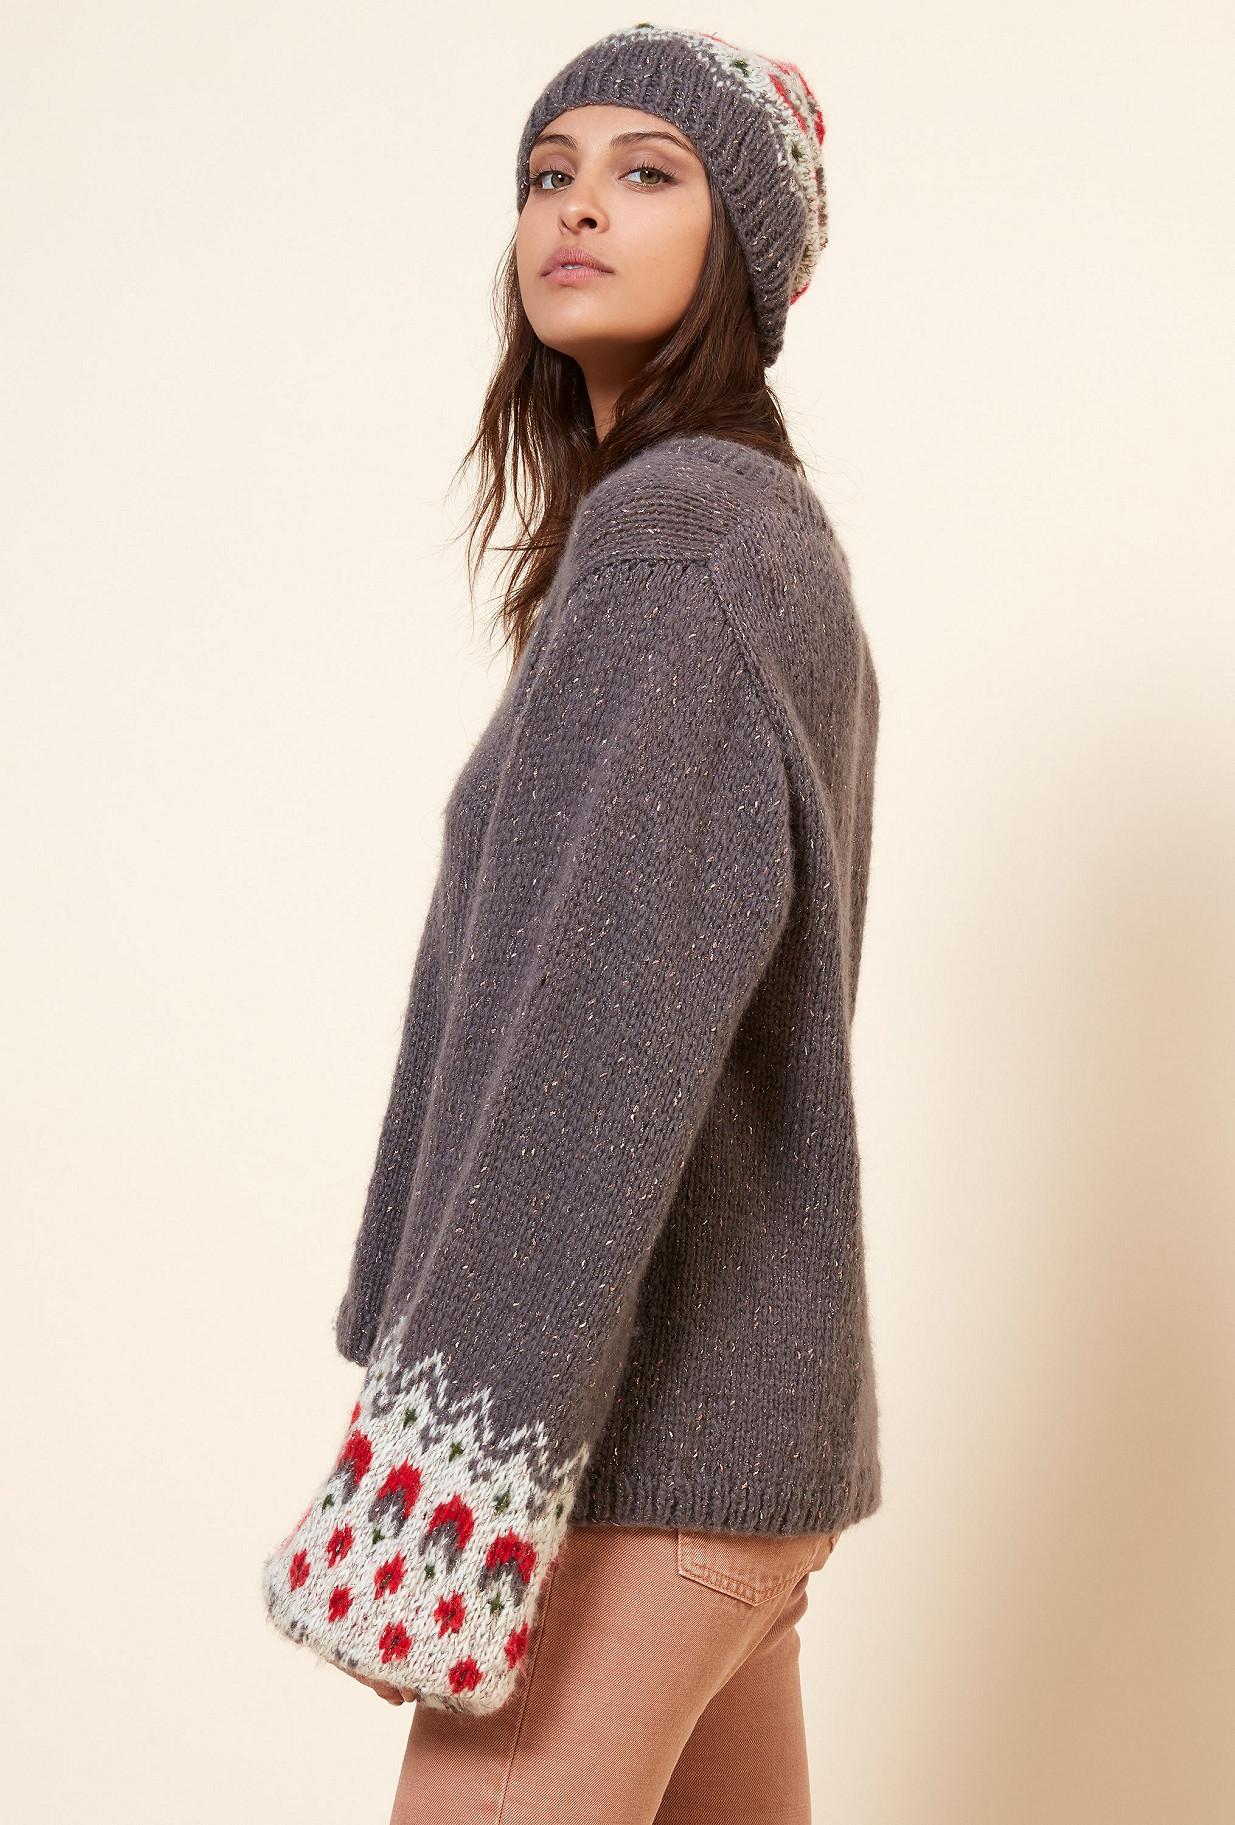 Paris boutique de mode vêtement Maille créateur bohème  Cirano